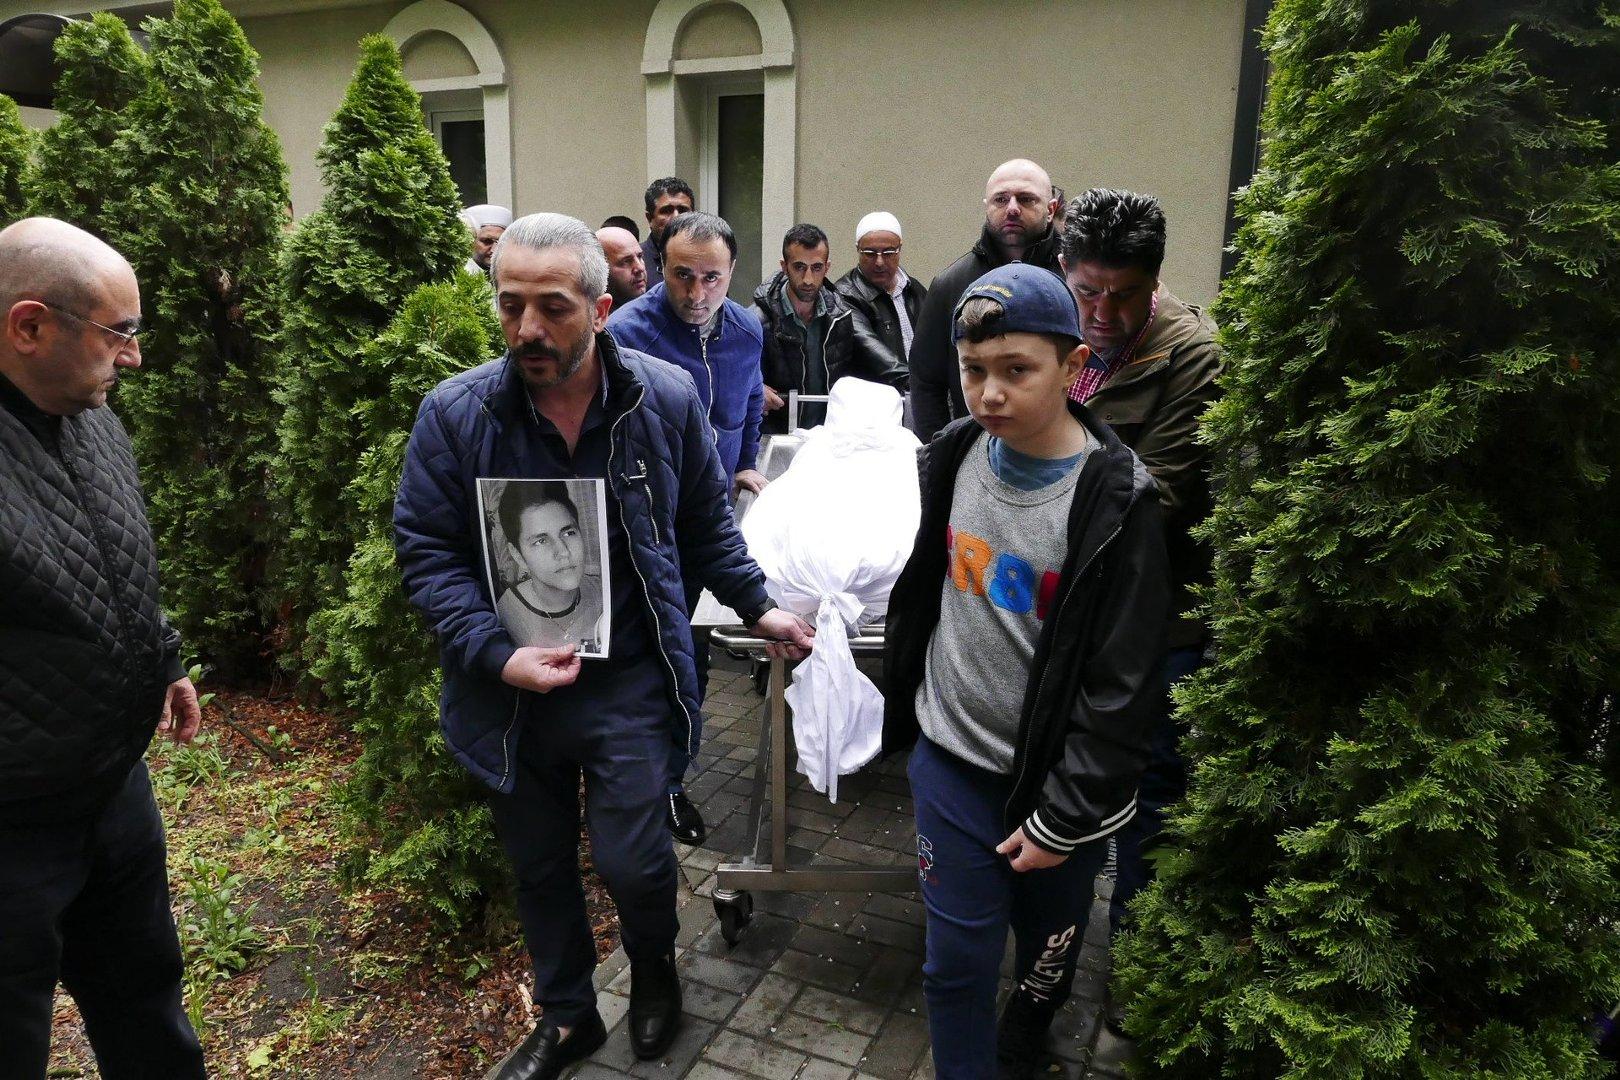 randki z muzułmańską Ukrainą wyglądają na zbyt młode randki